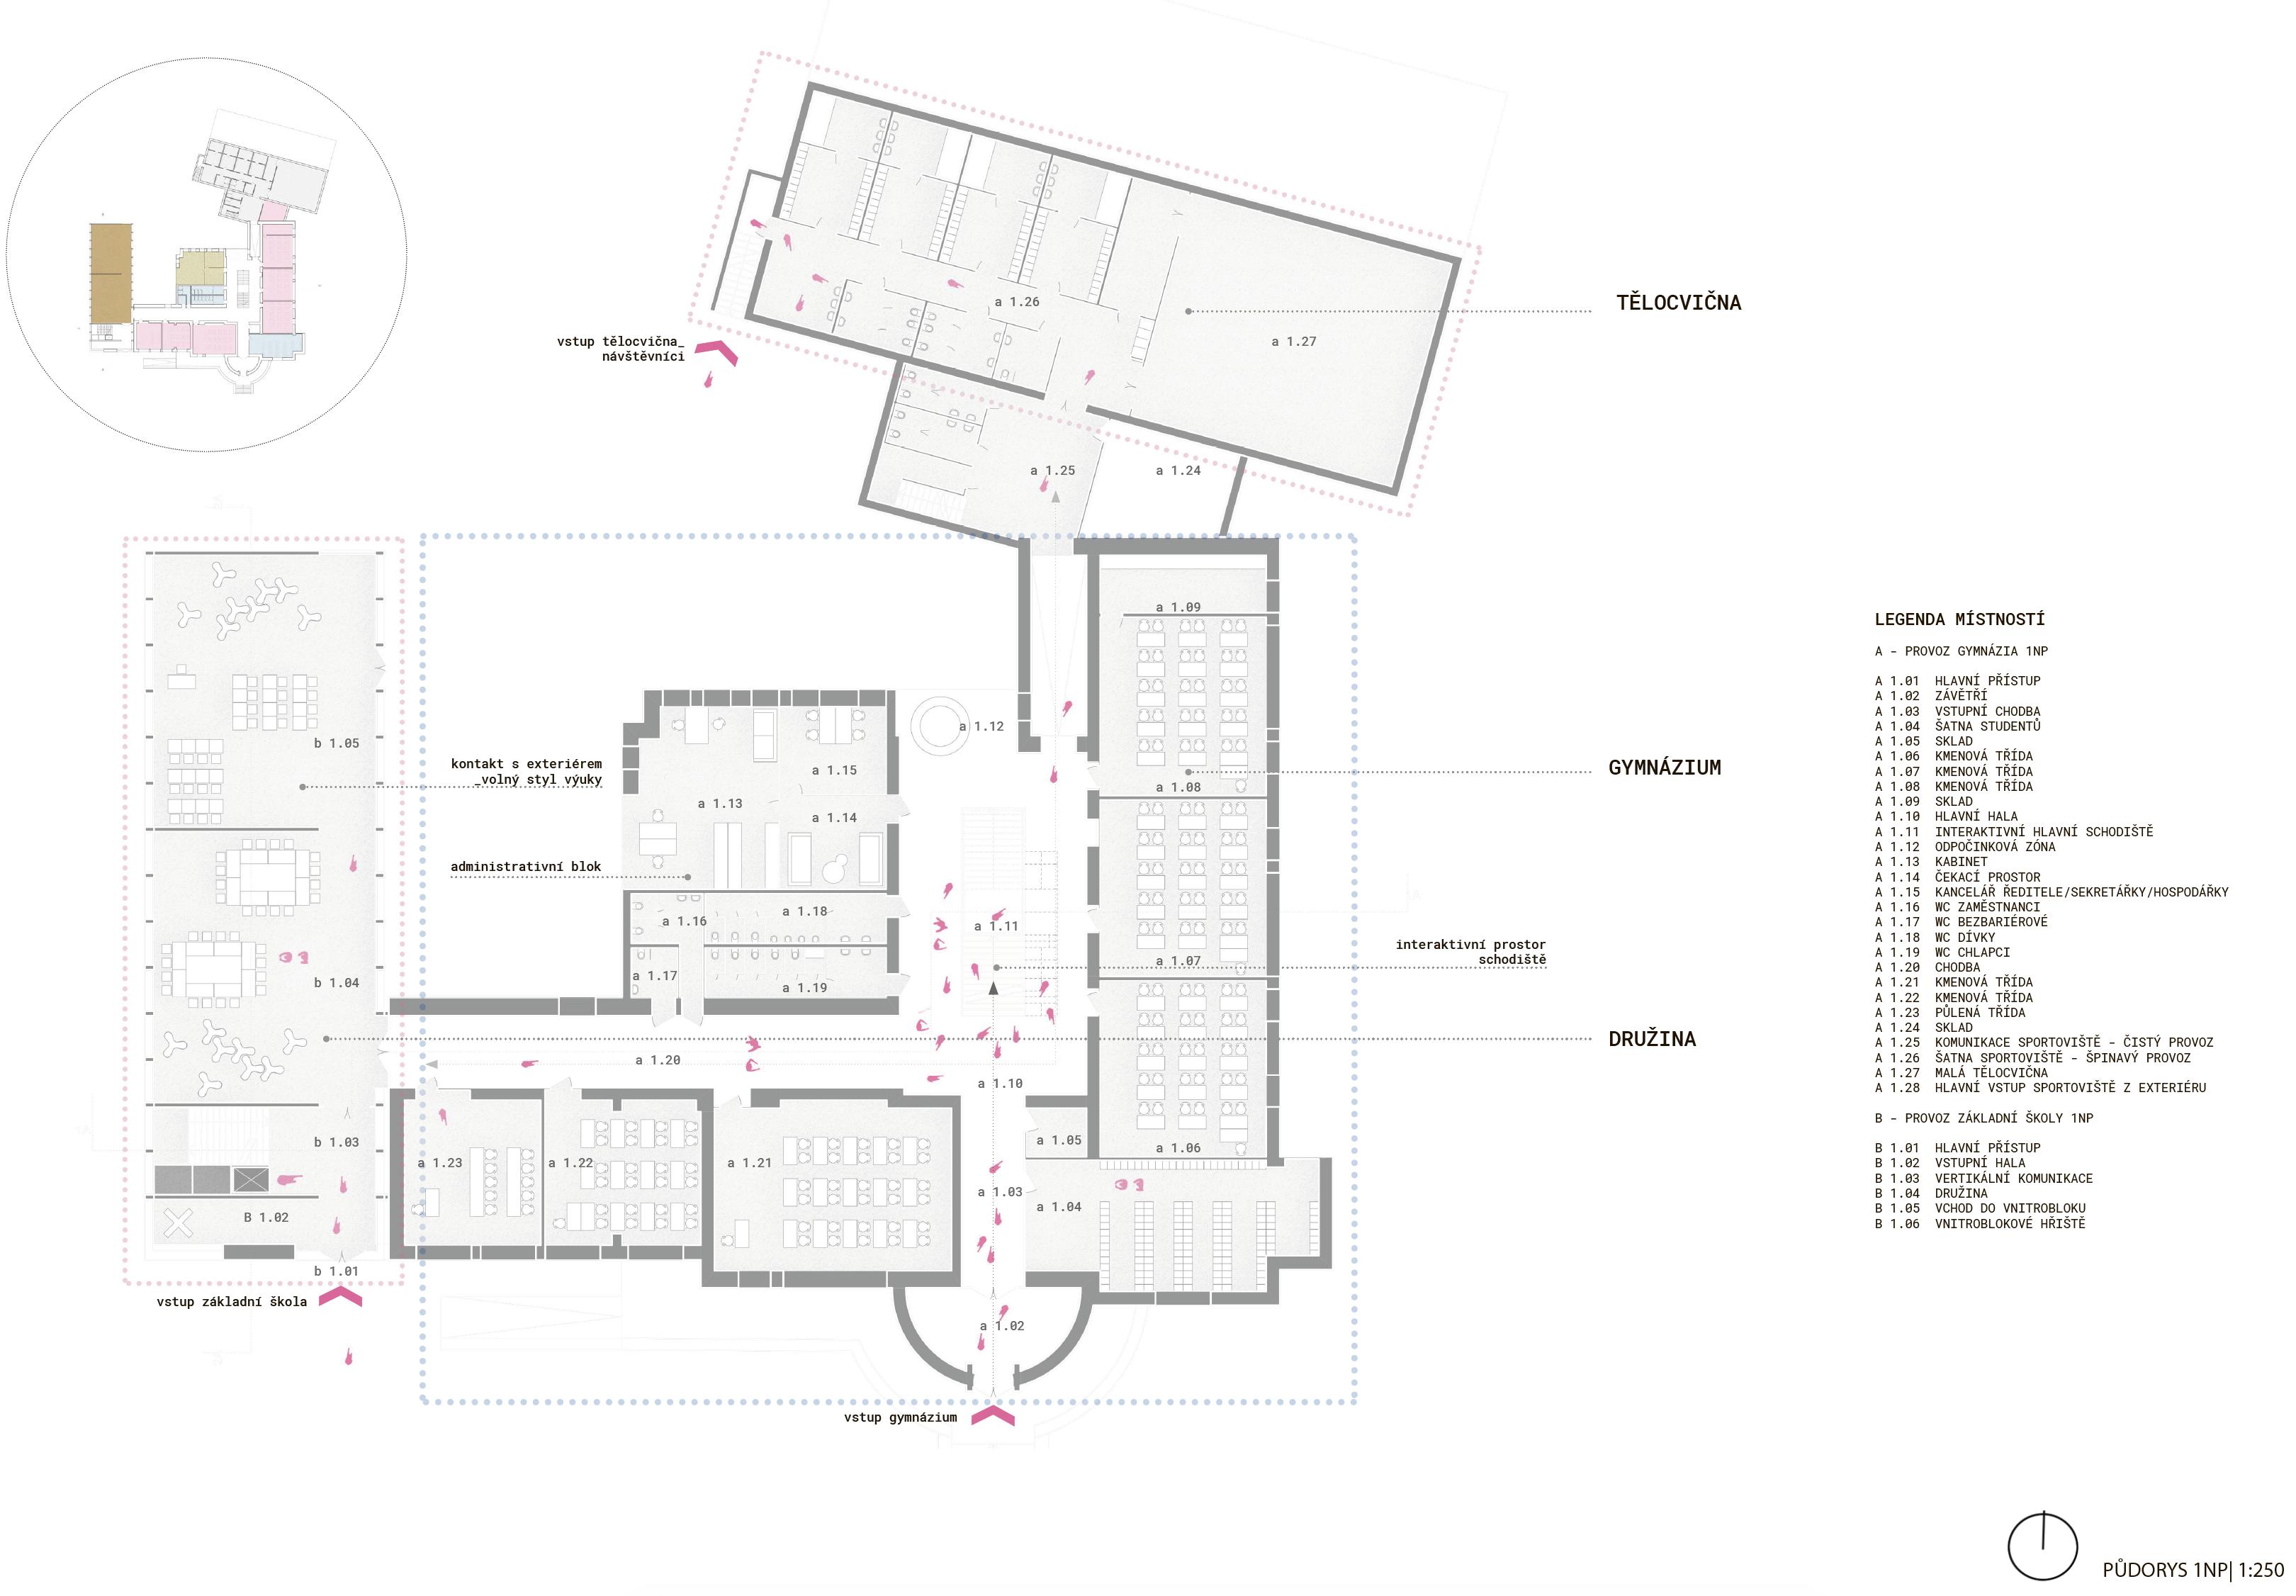 Floor plan - 1st - new wing